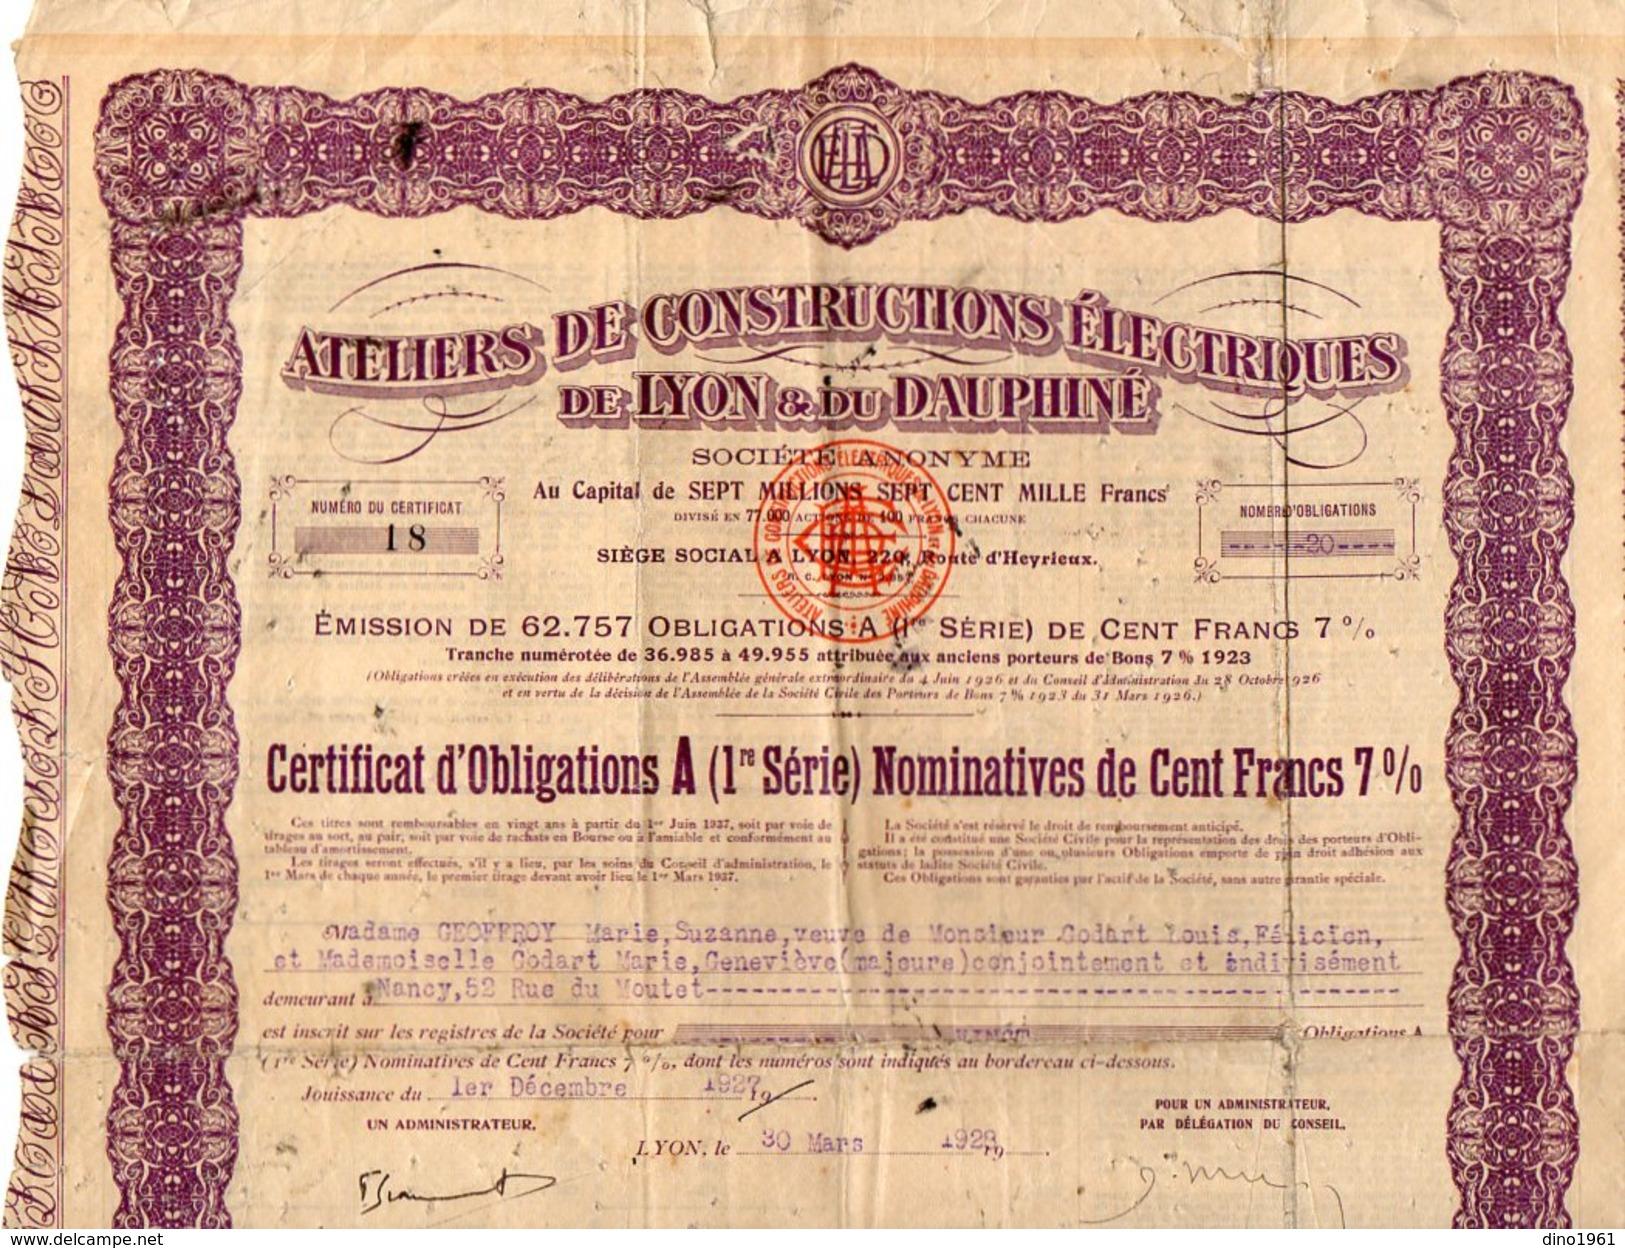 VP9738 - LYON 1928 - Action - Ateliers De Constructions Electriques De LYON & Du Dauphiné - Electricité & Gaz